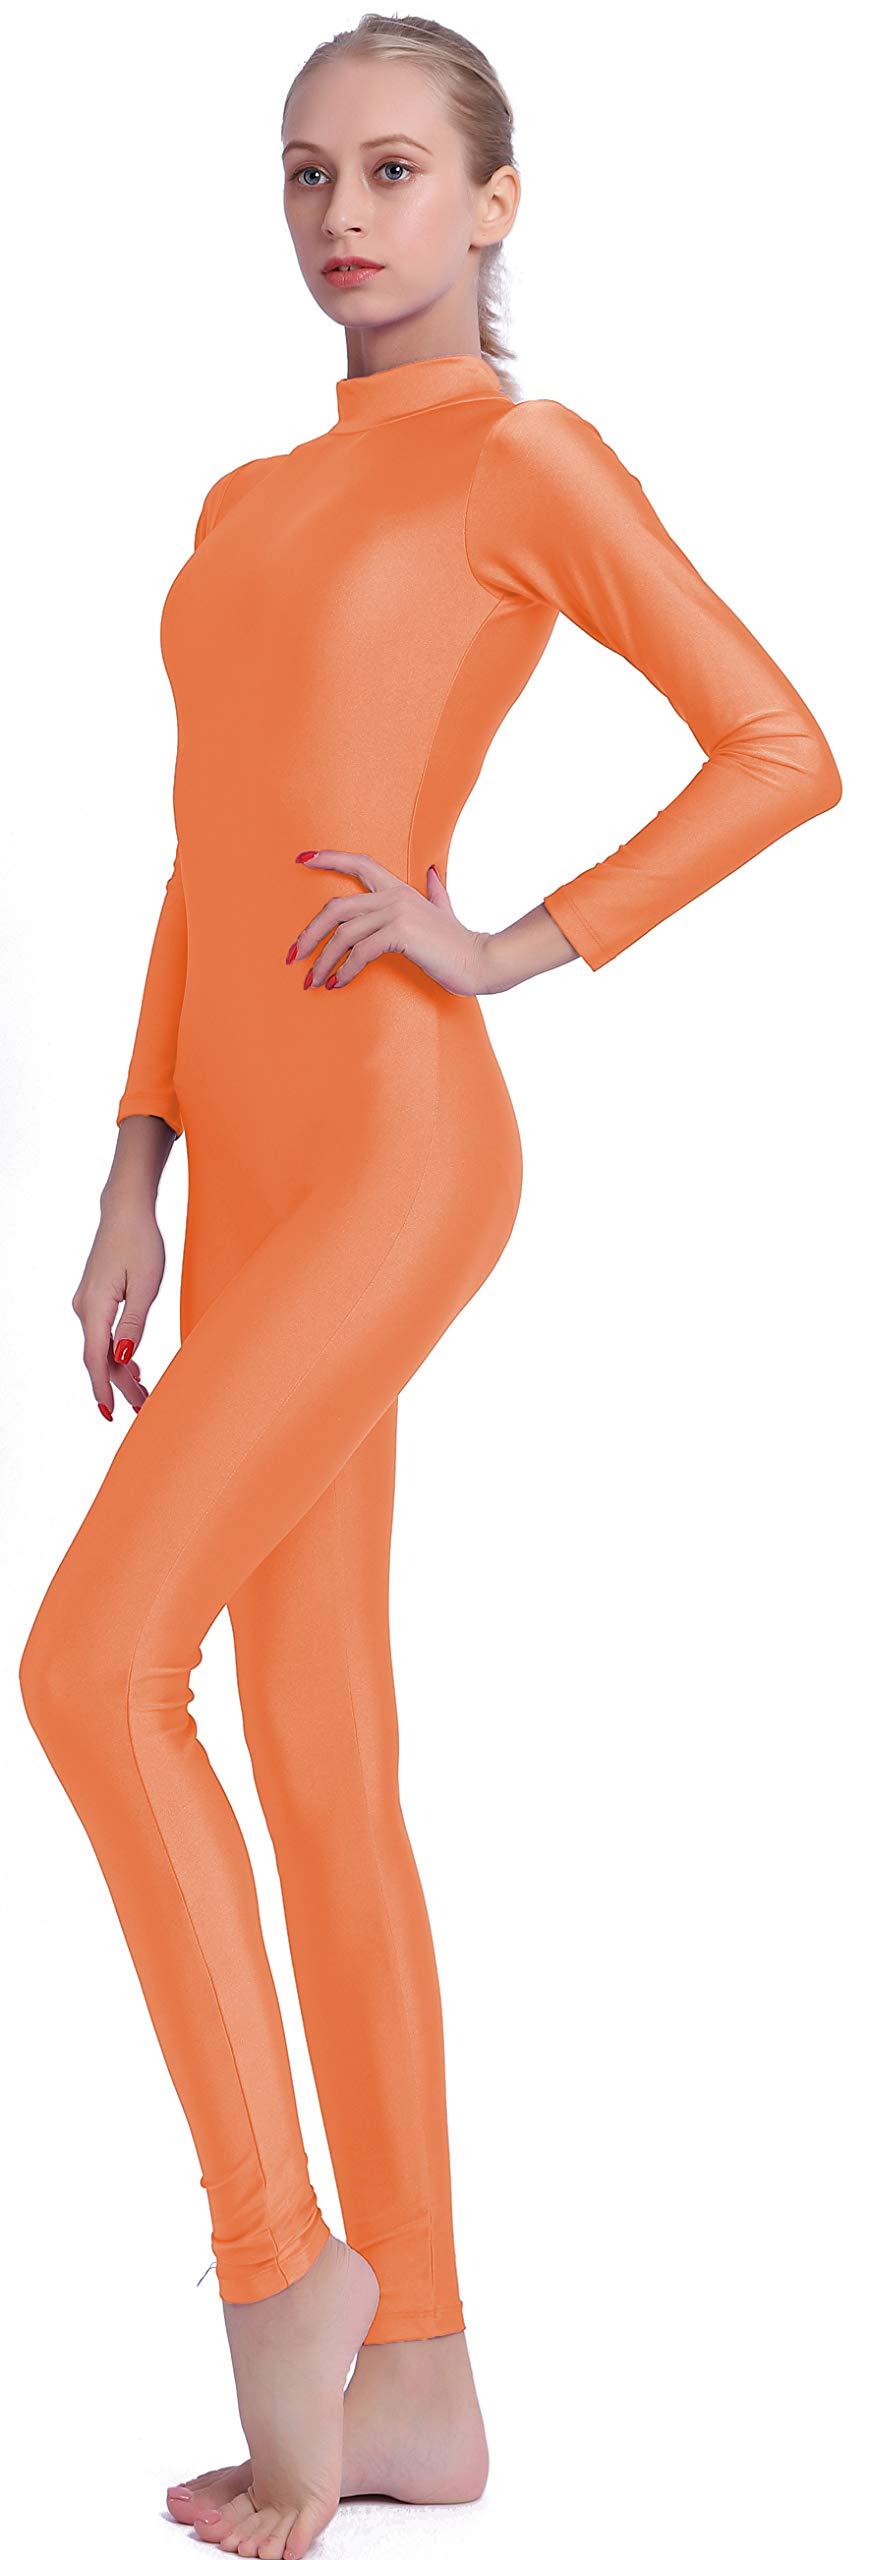 Speerise Adult High Neck Zip One Piece Unitard Full Body Leotard, XS, Orange by speerise